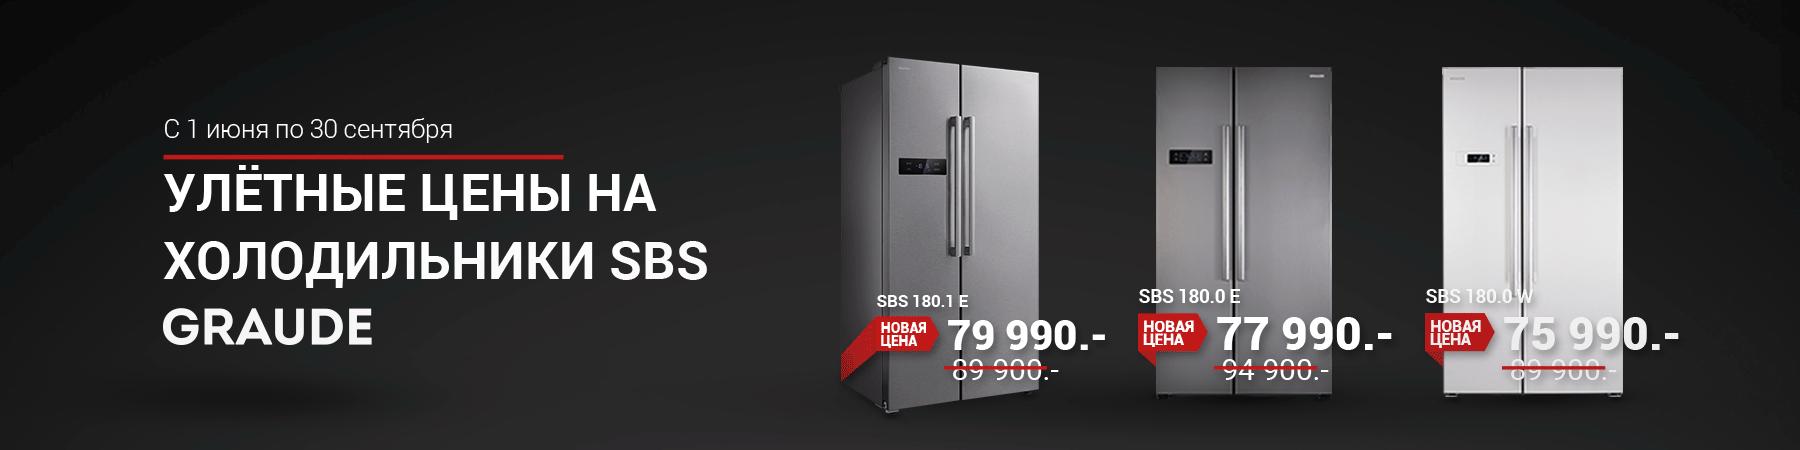 Улётные цены на холодильники Graude SBS